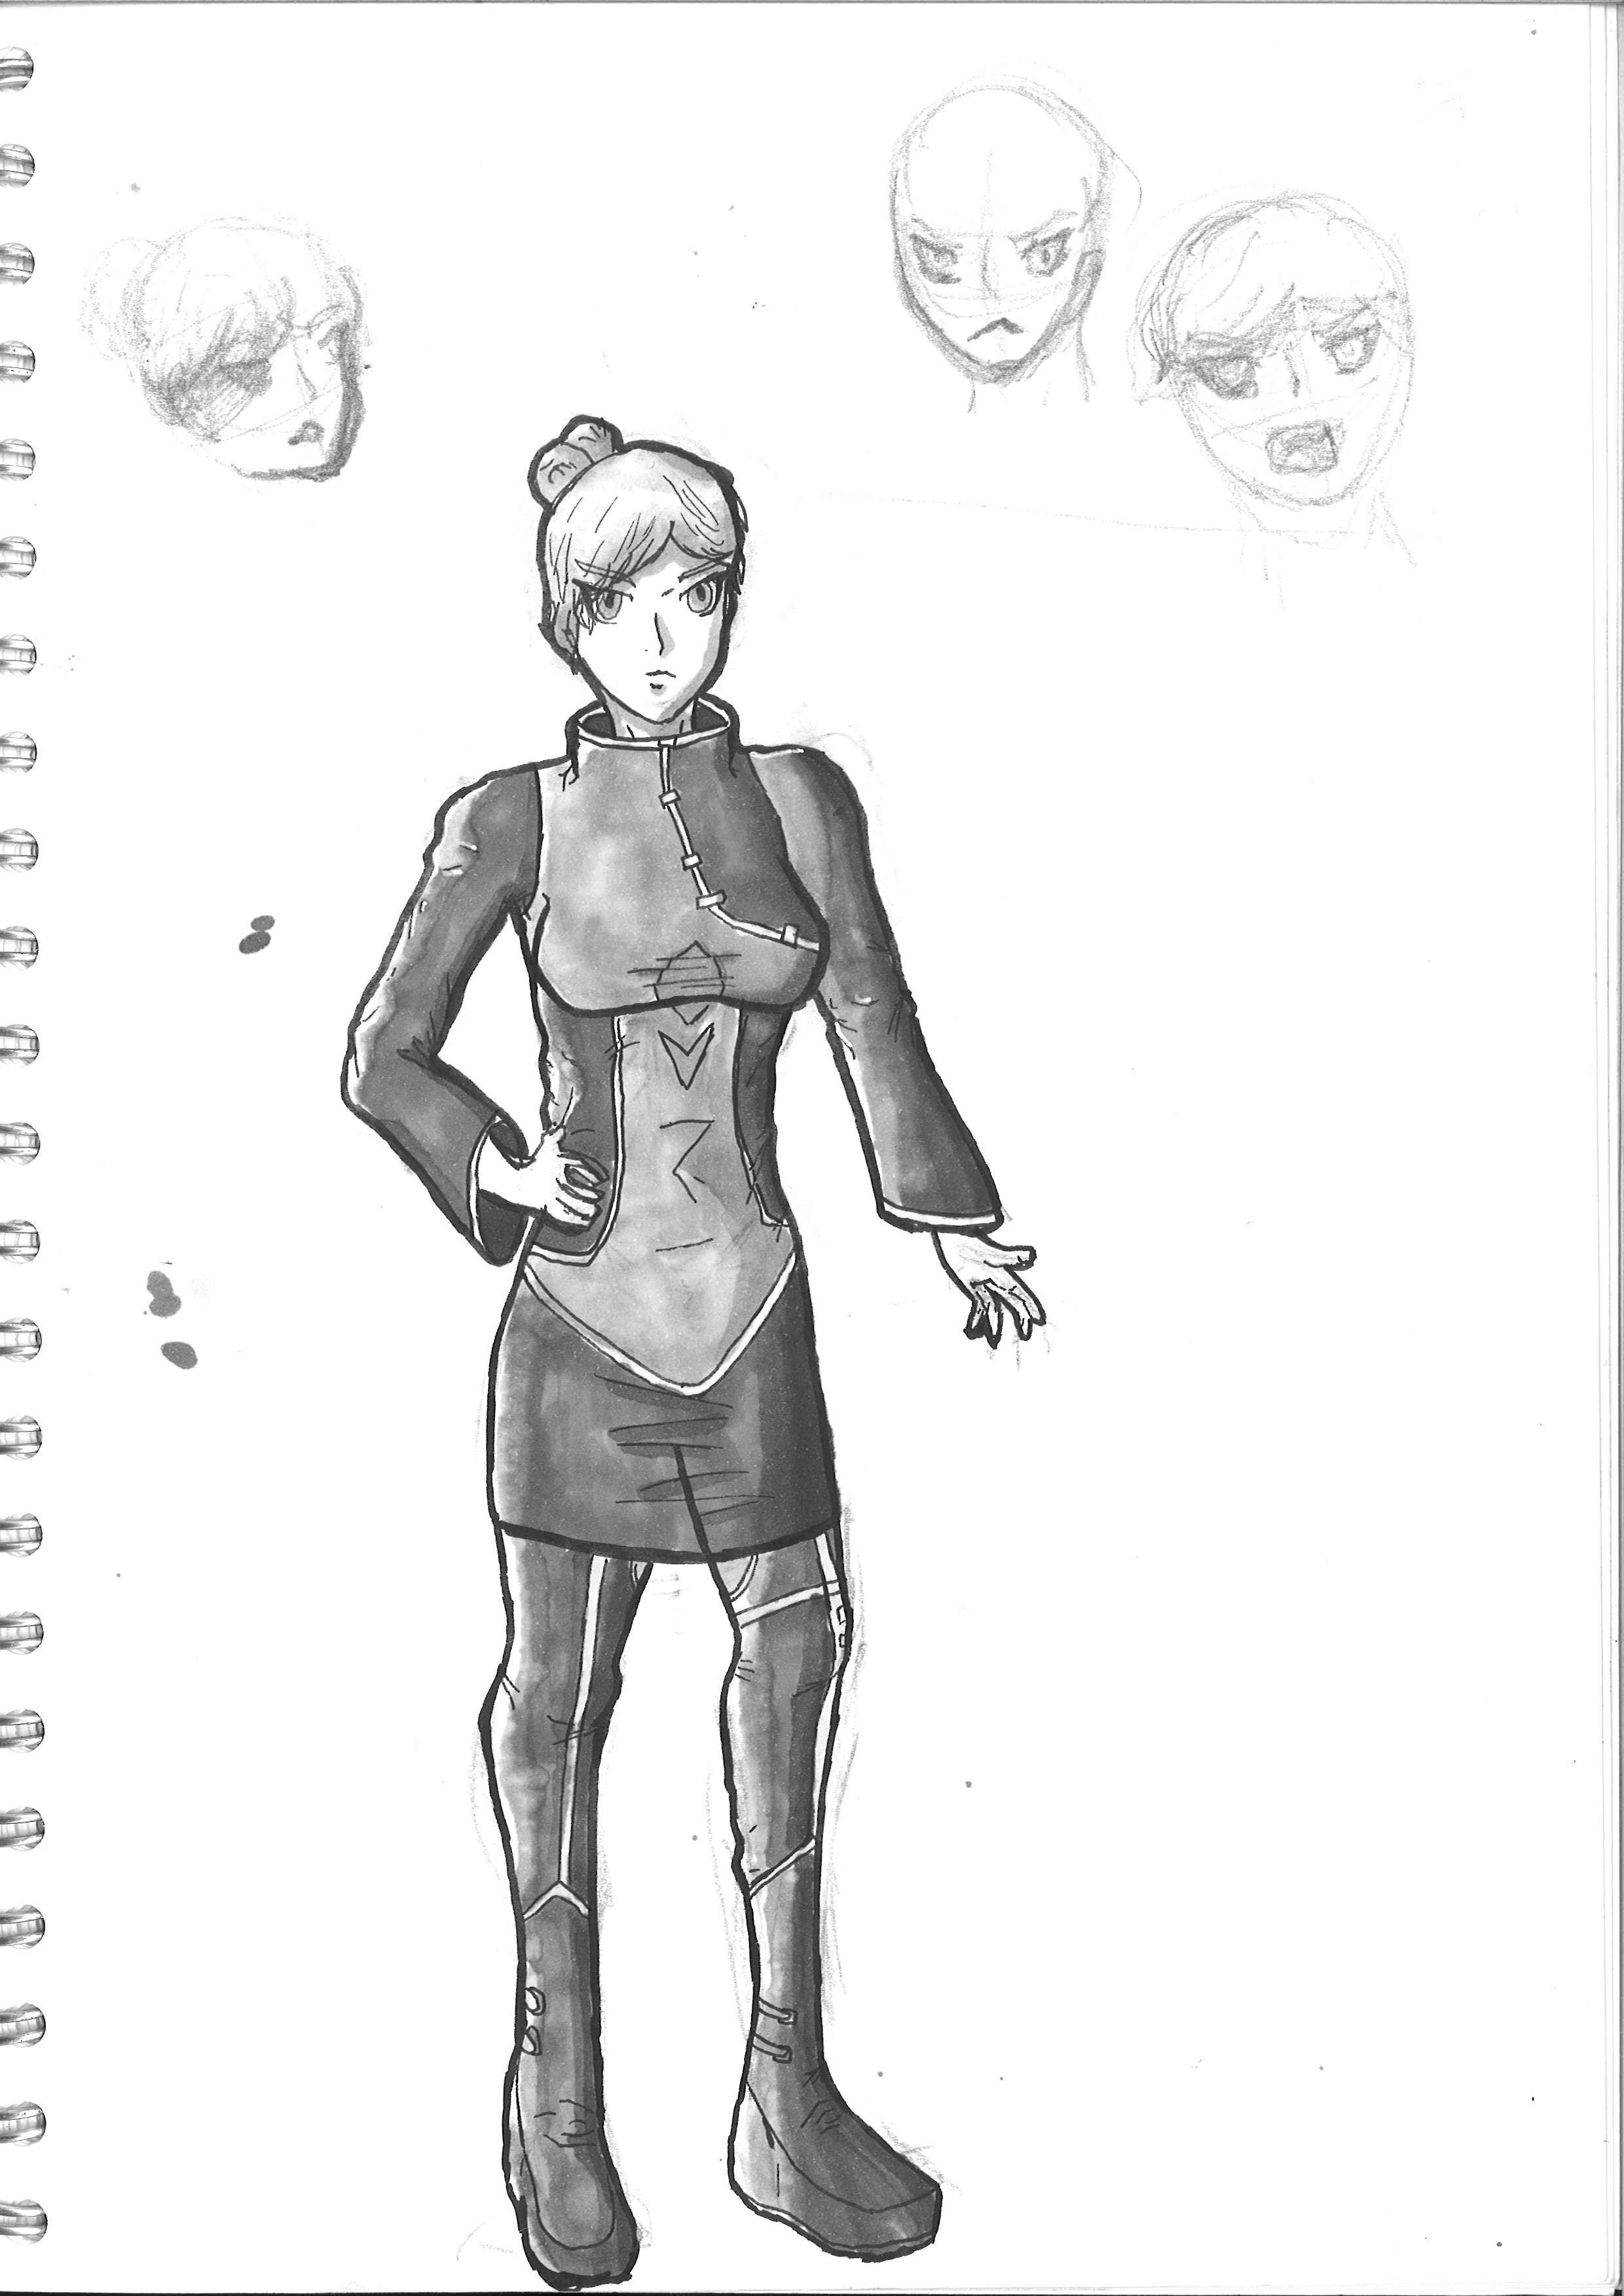 Sketchbook Post 3